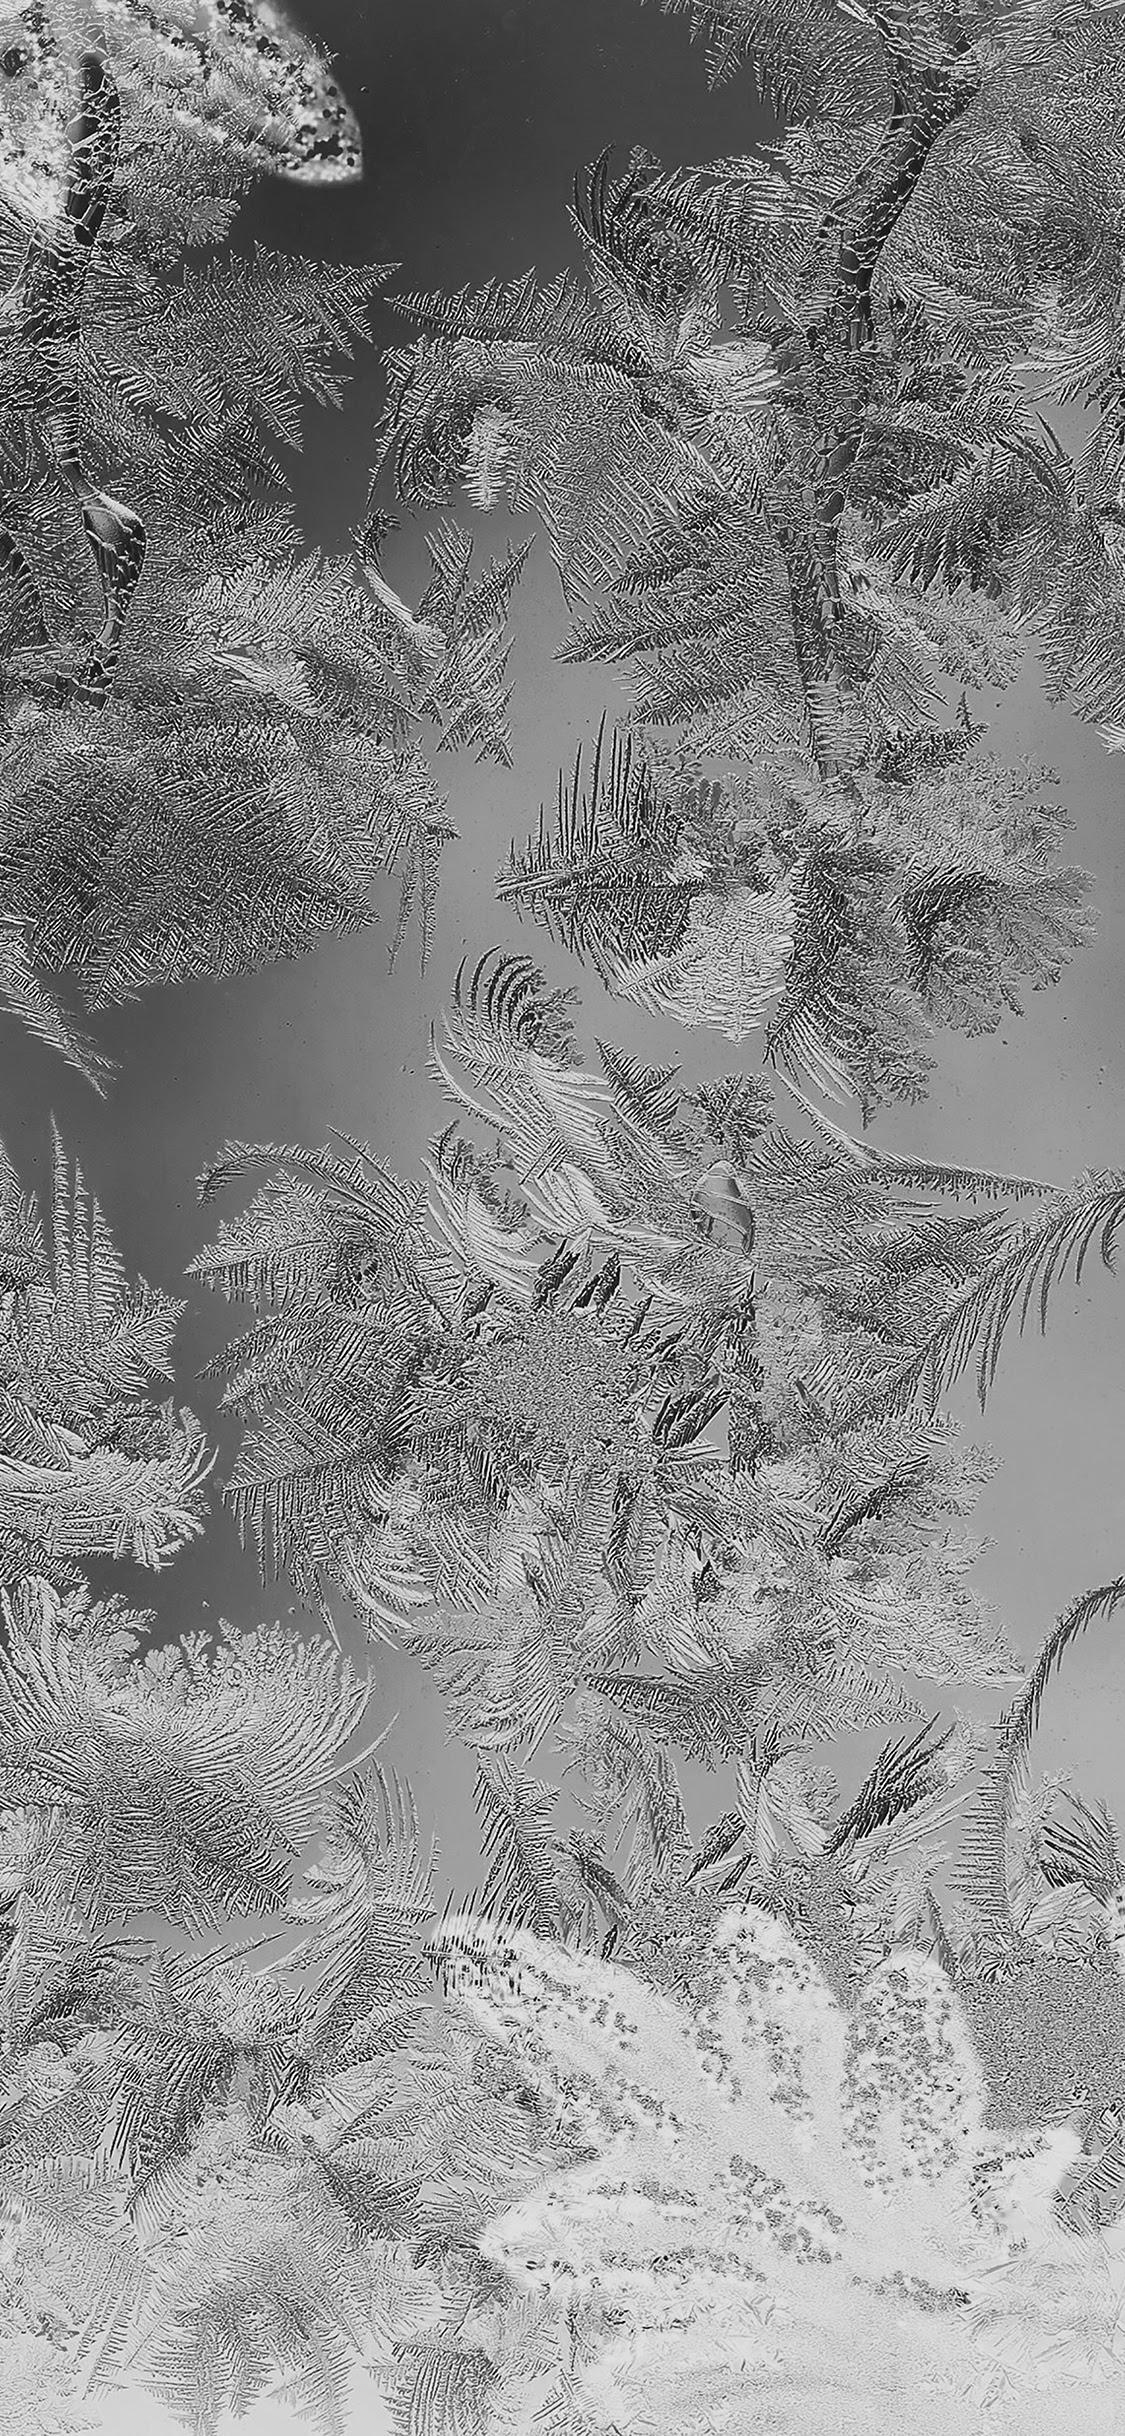 Christmas Wallpaper Aesthetic.Best Of Aesthetic Christmas Wallpaper Iphone X On Wallpaper